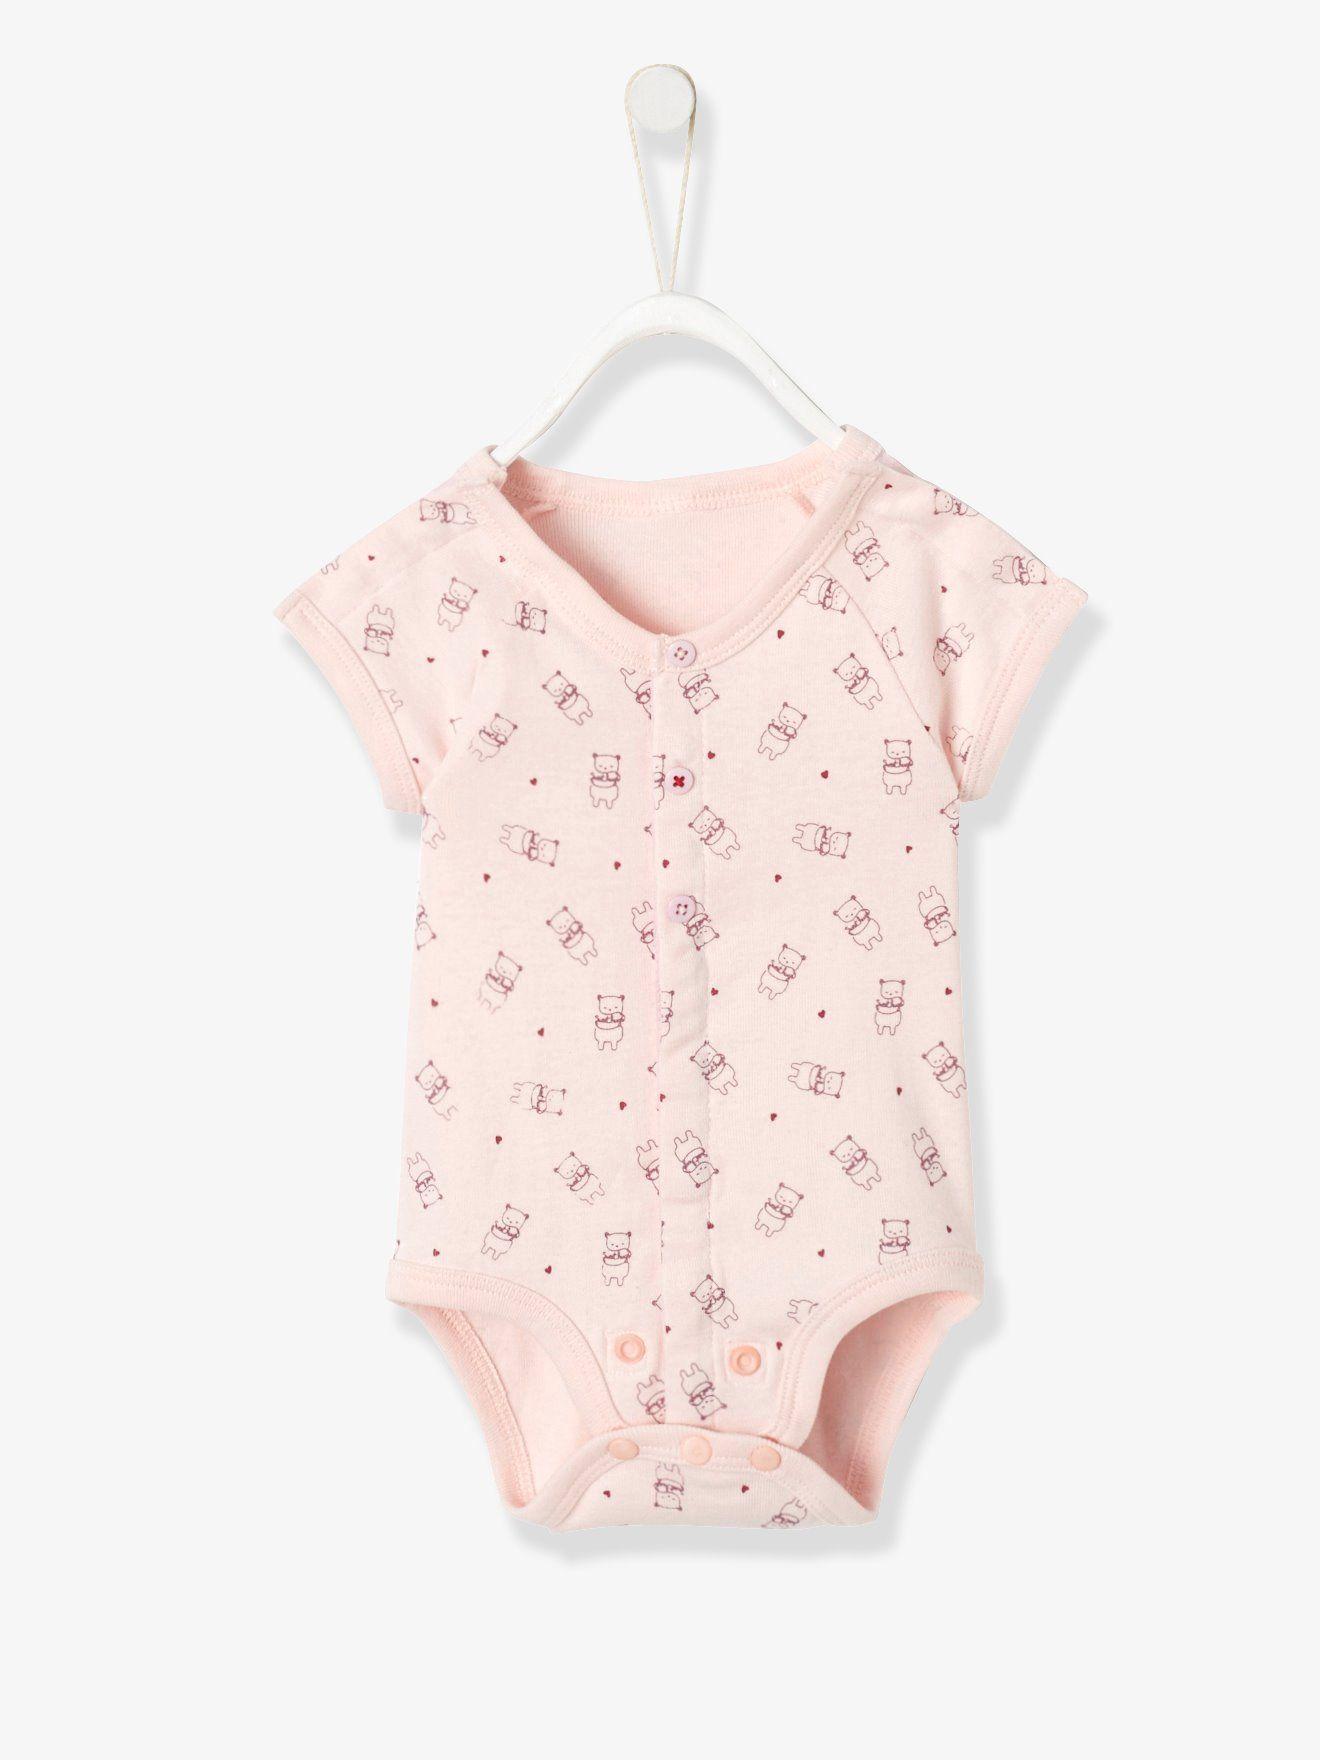 9246a0da1c58c Body bébé spécial prématuré en coton bio - eau de rose imprime ...